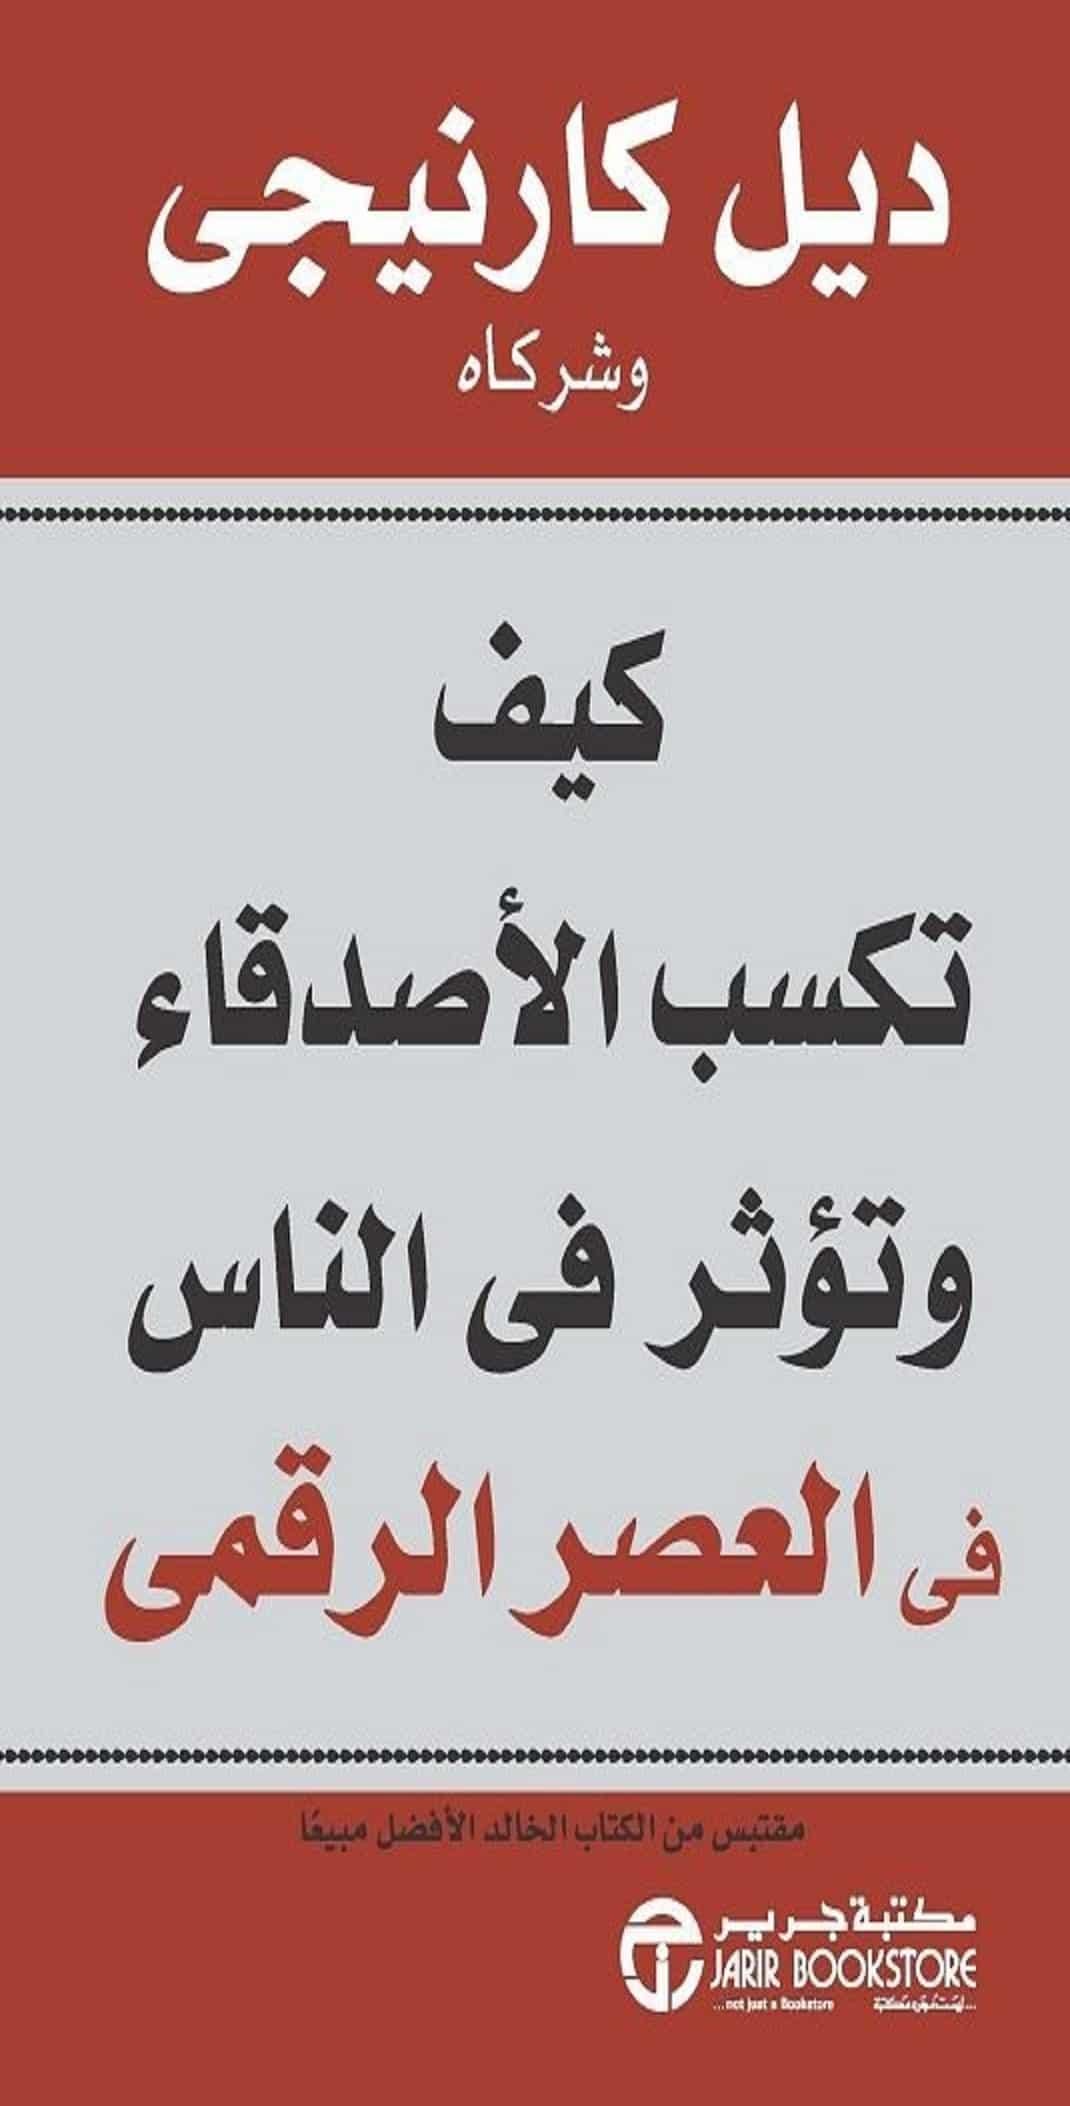 Photo of تحميل كتاب كيف تكسب الأصدقاء وتؤثر على الناس pdf لـ ديل كارينجي